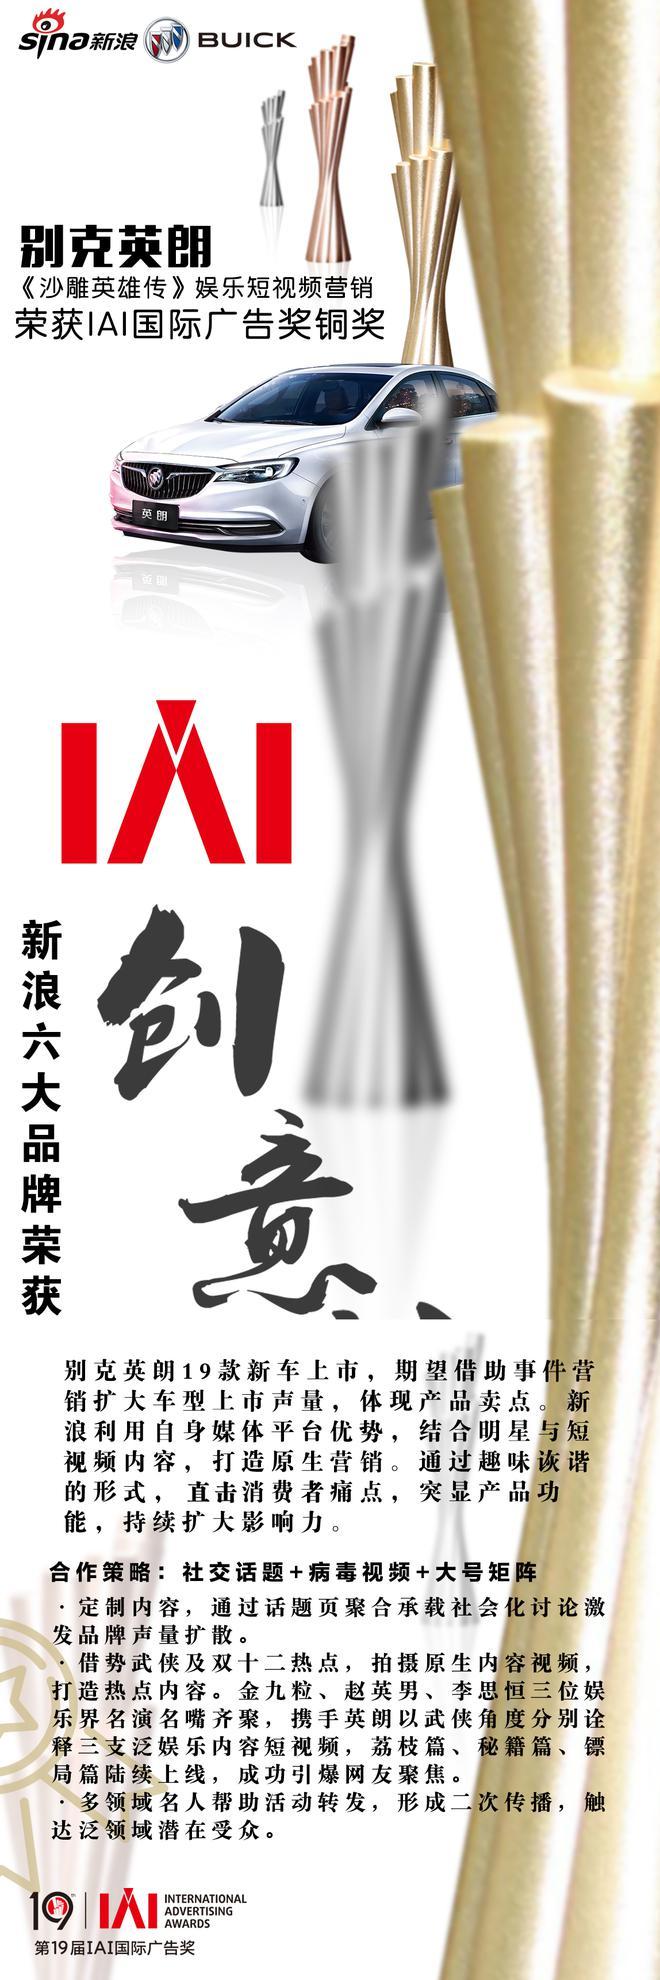 创意凶猛IAI:从新浪六大品牌获项看广告营销变局